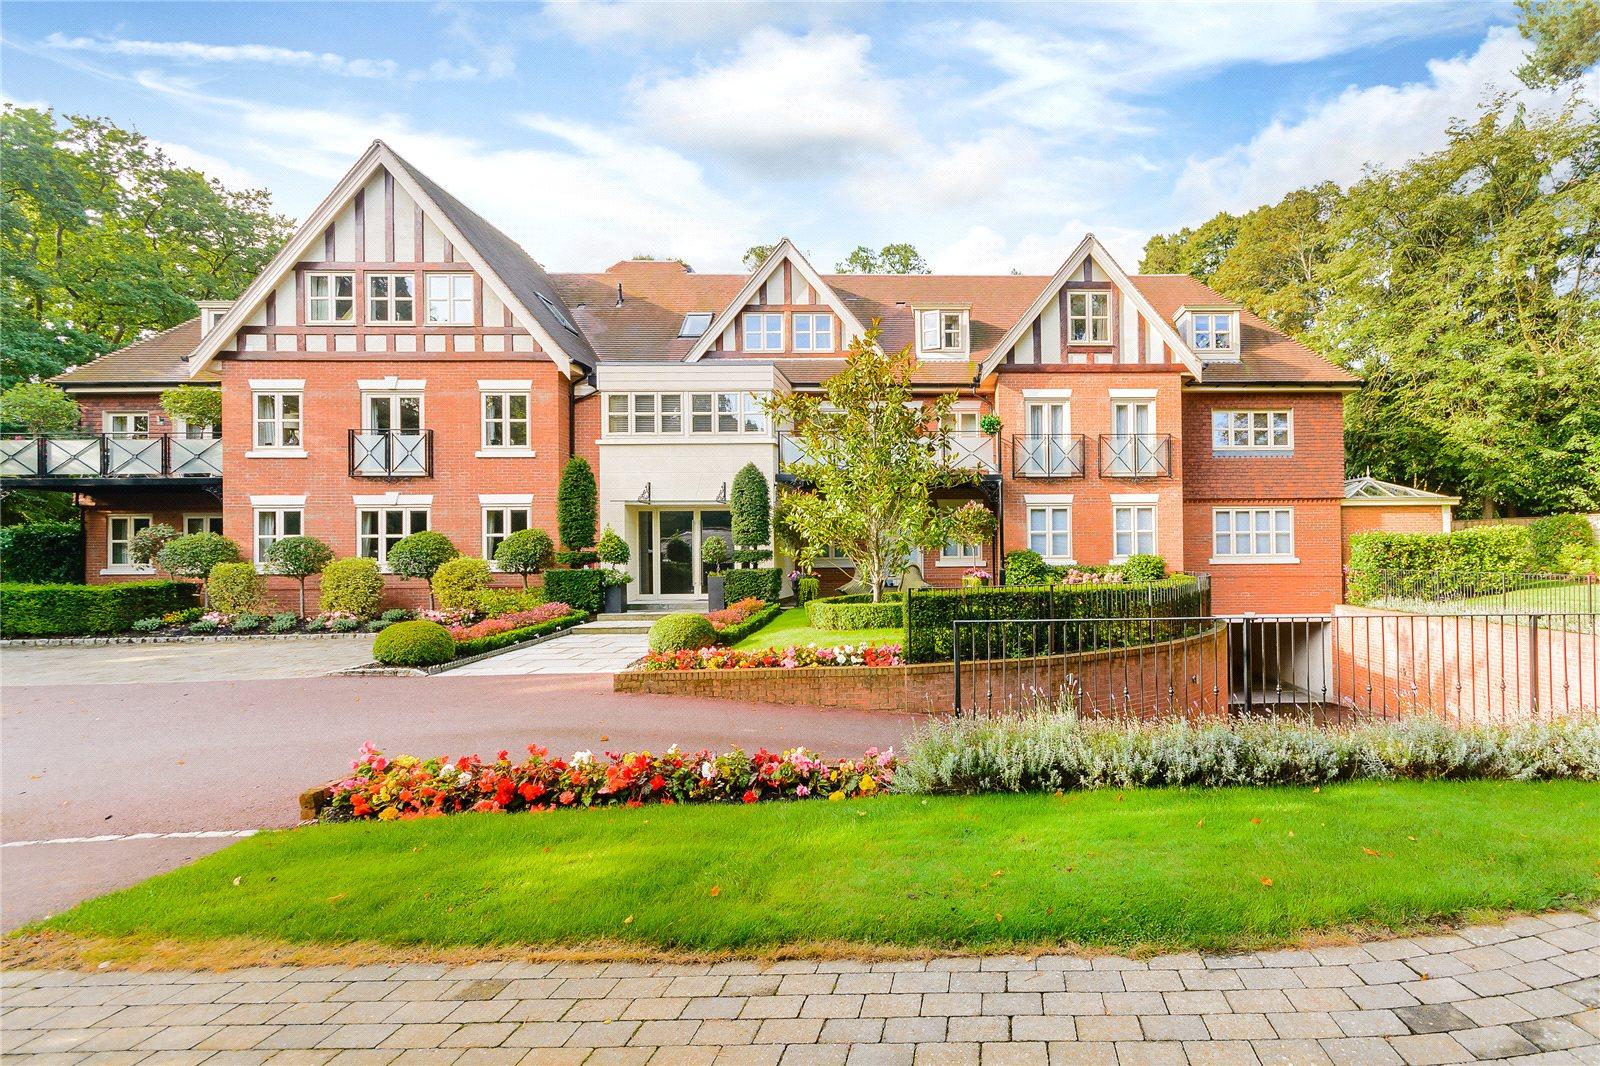 διαμερίσματα για την Πώληση στο Brockenhurst House, Brockenhurst Road, Ascot, Berkshire, SL5 Ascot, Αγγλια